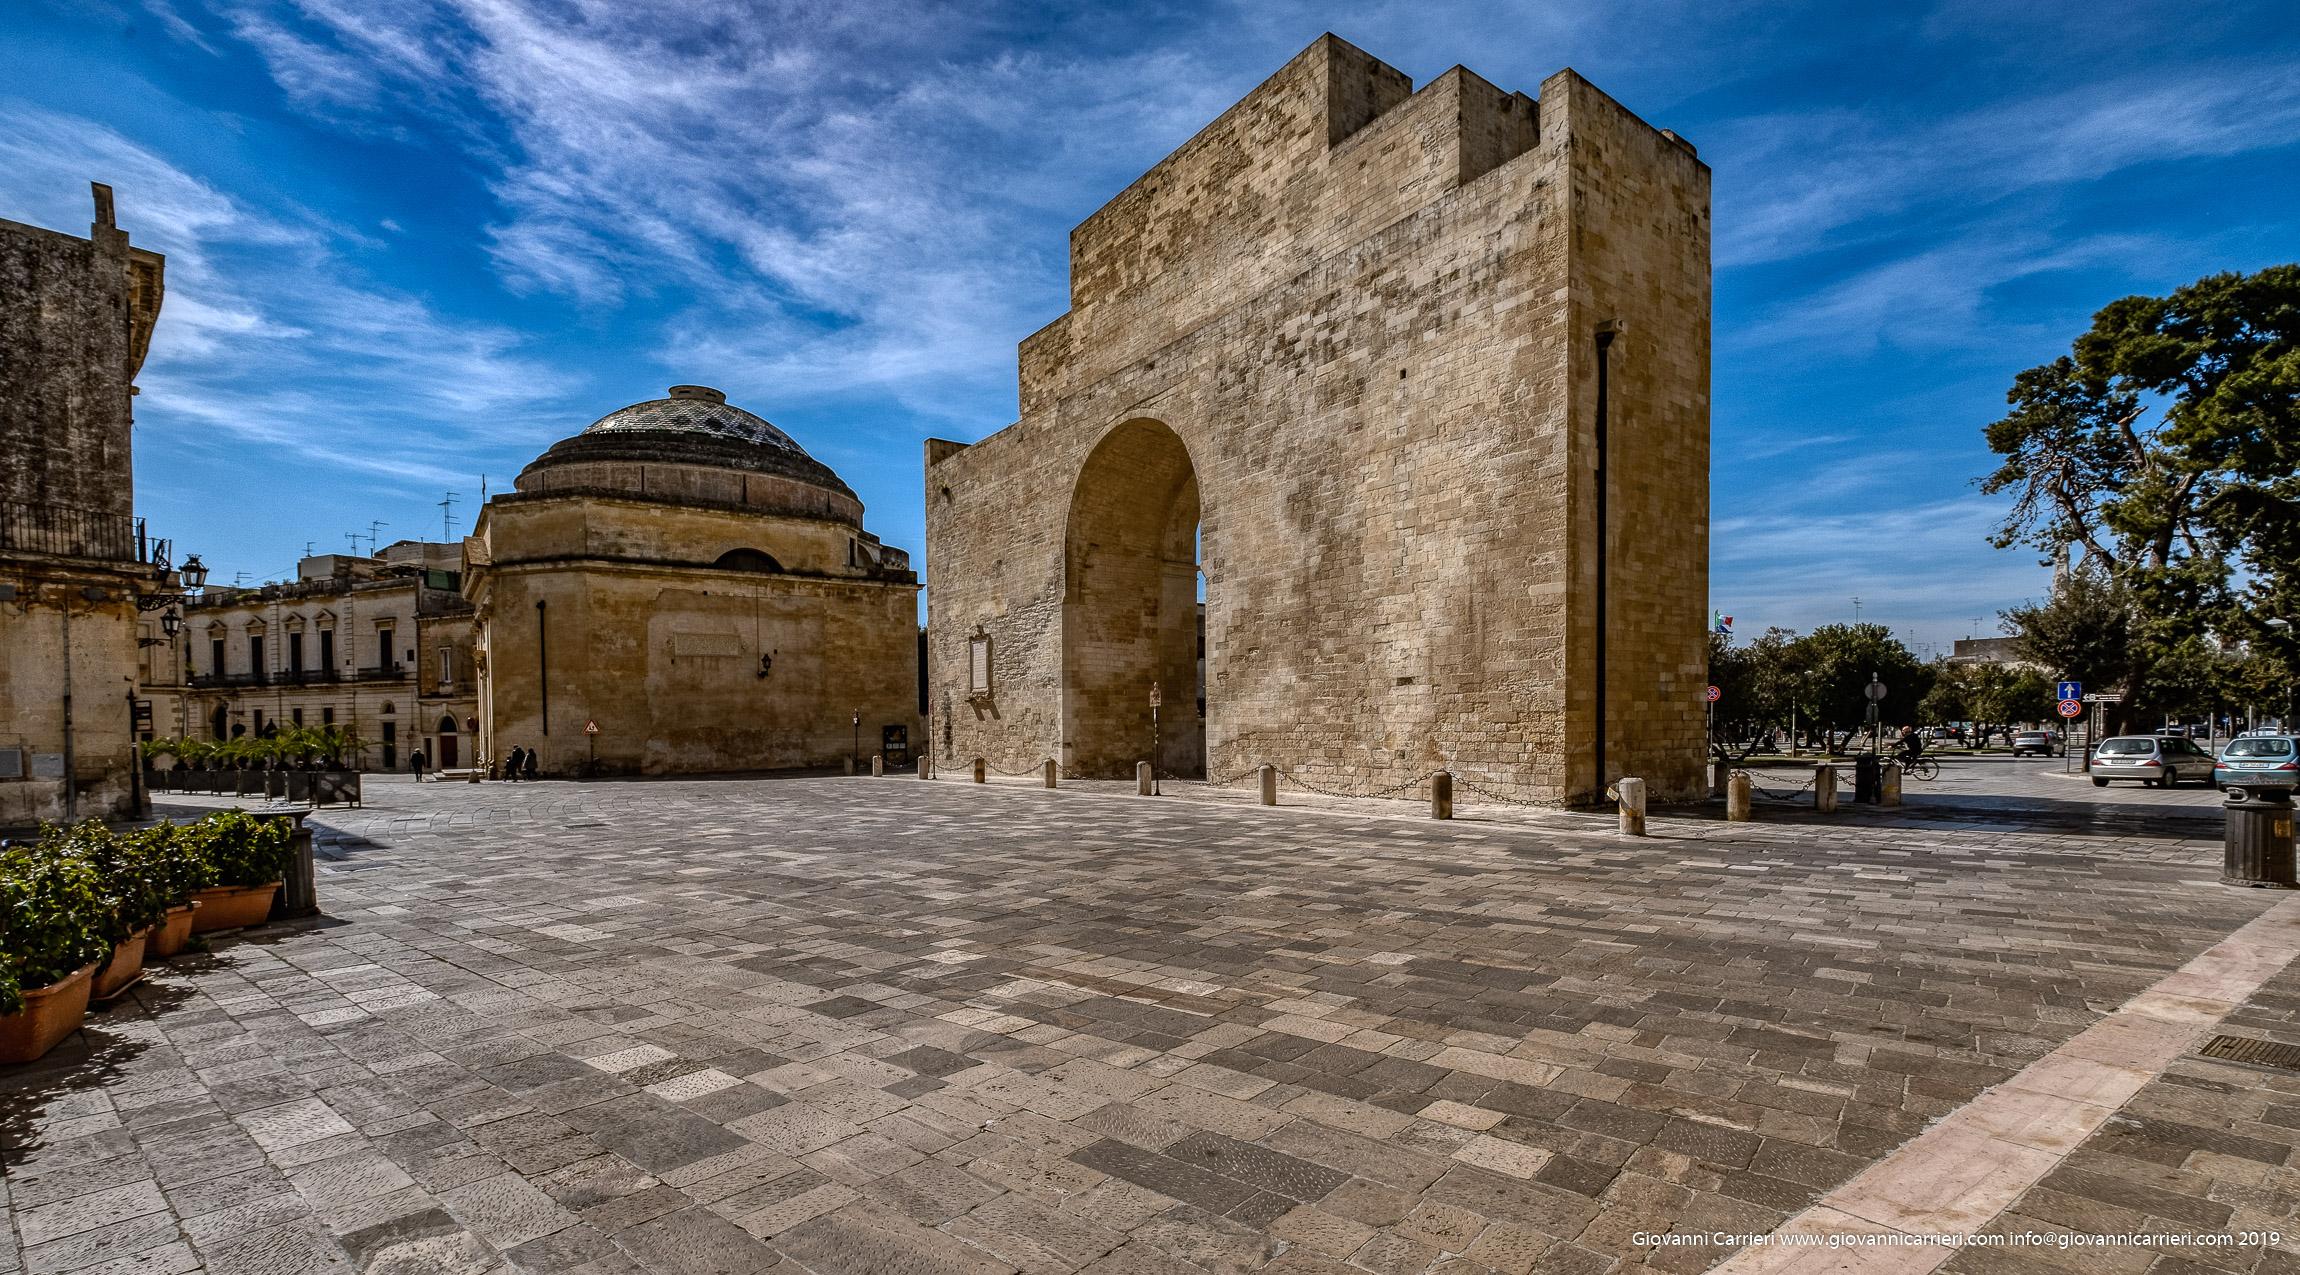 L'arco di trionfo di Lecce, Porta Napoli